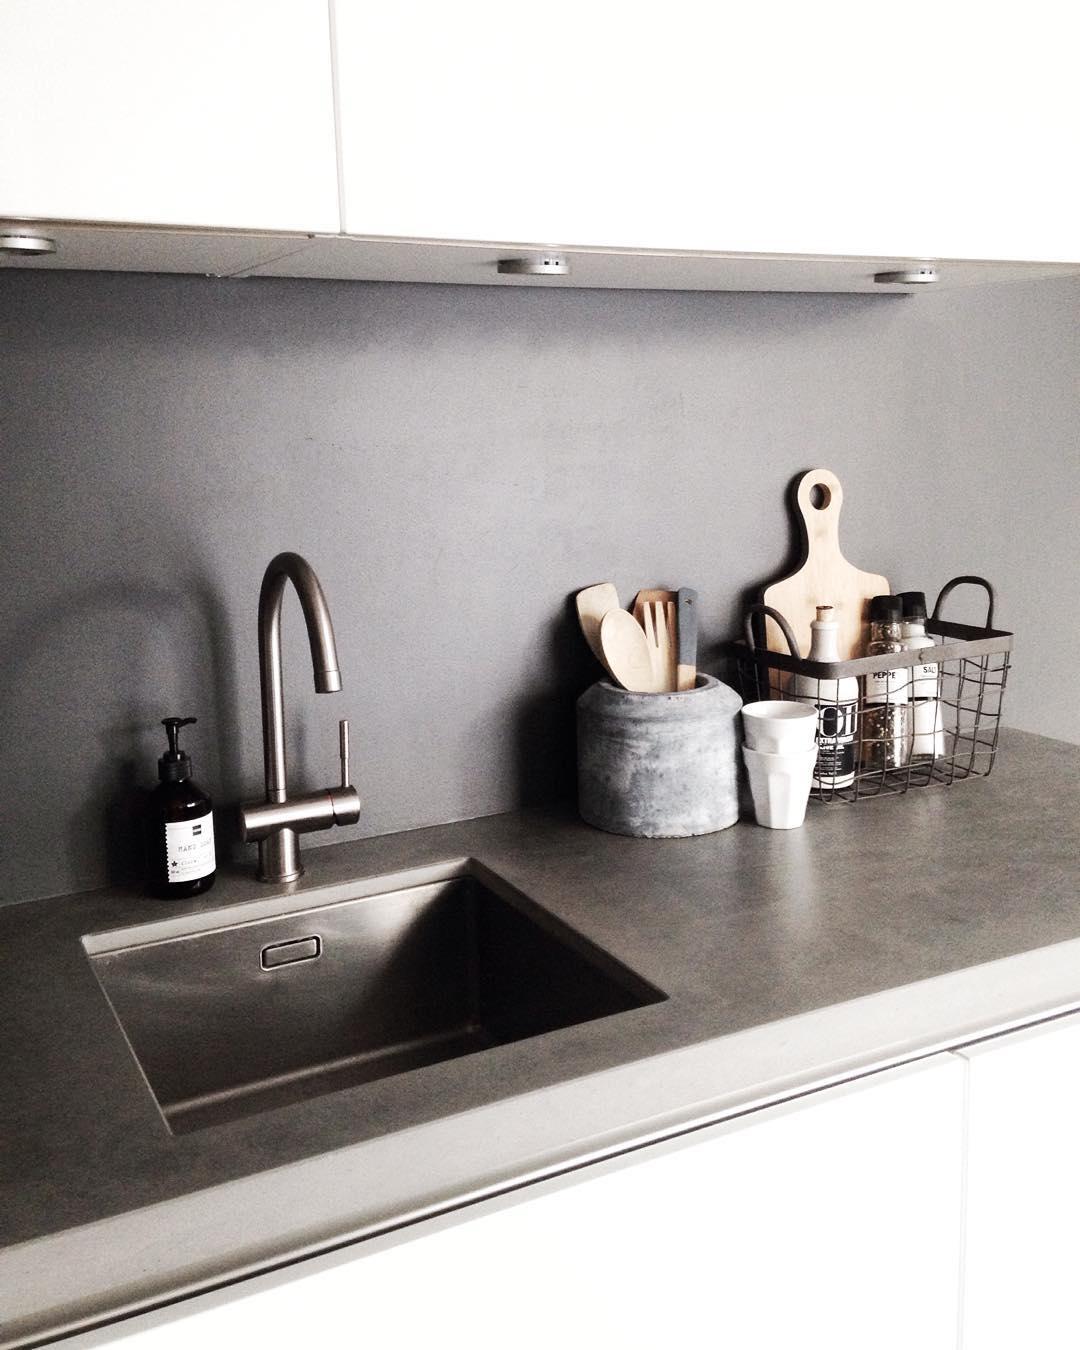 36 instagram interieur inspiratie top 5 inspiraties - Heel mooi ingerichte keuken ...